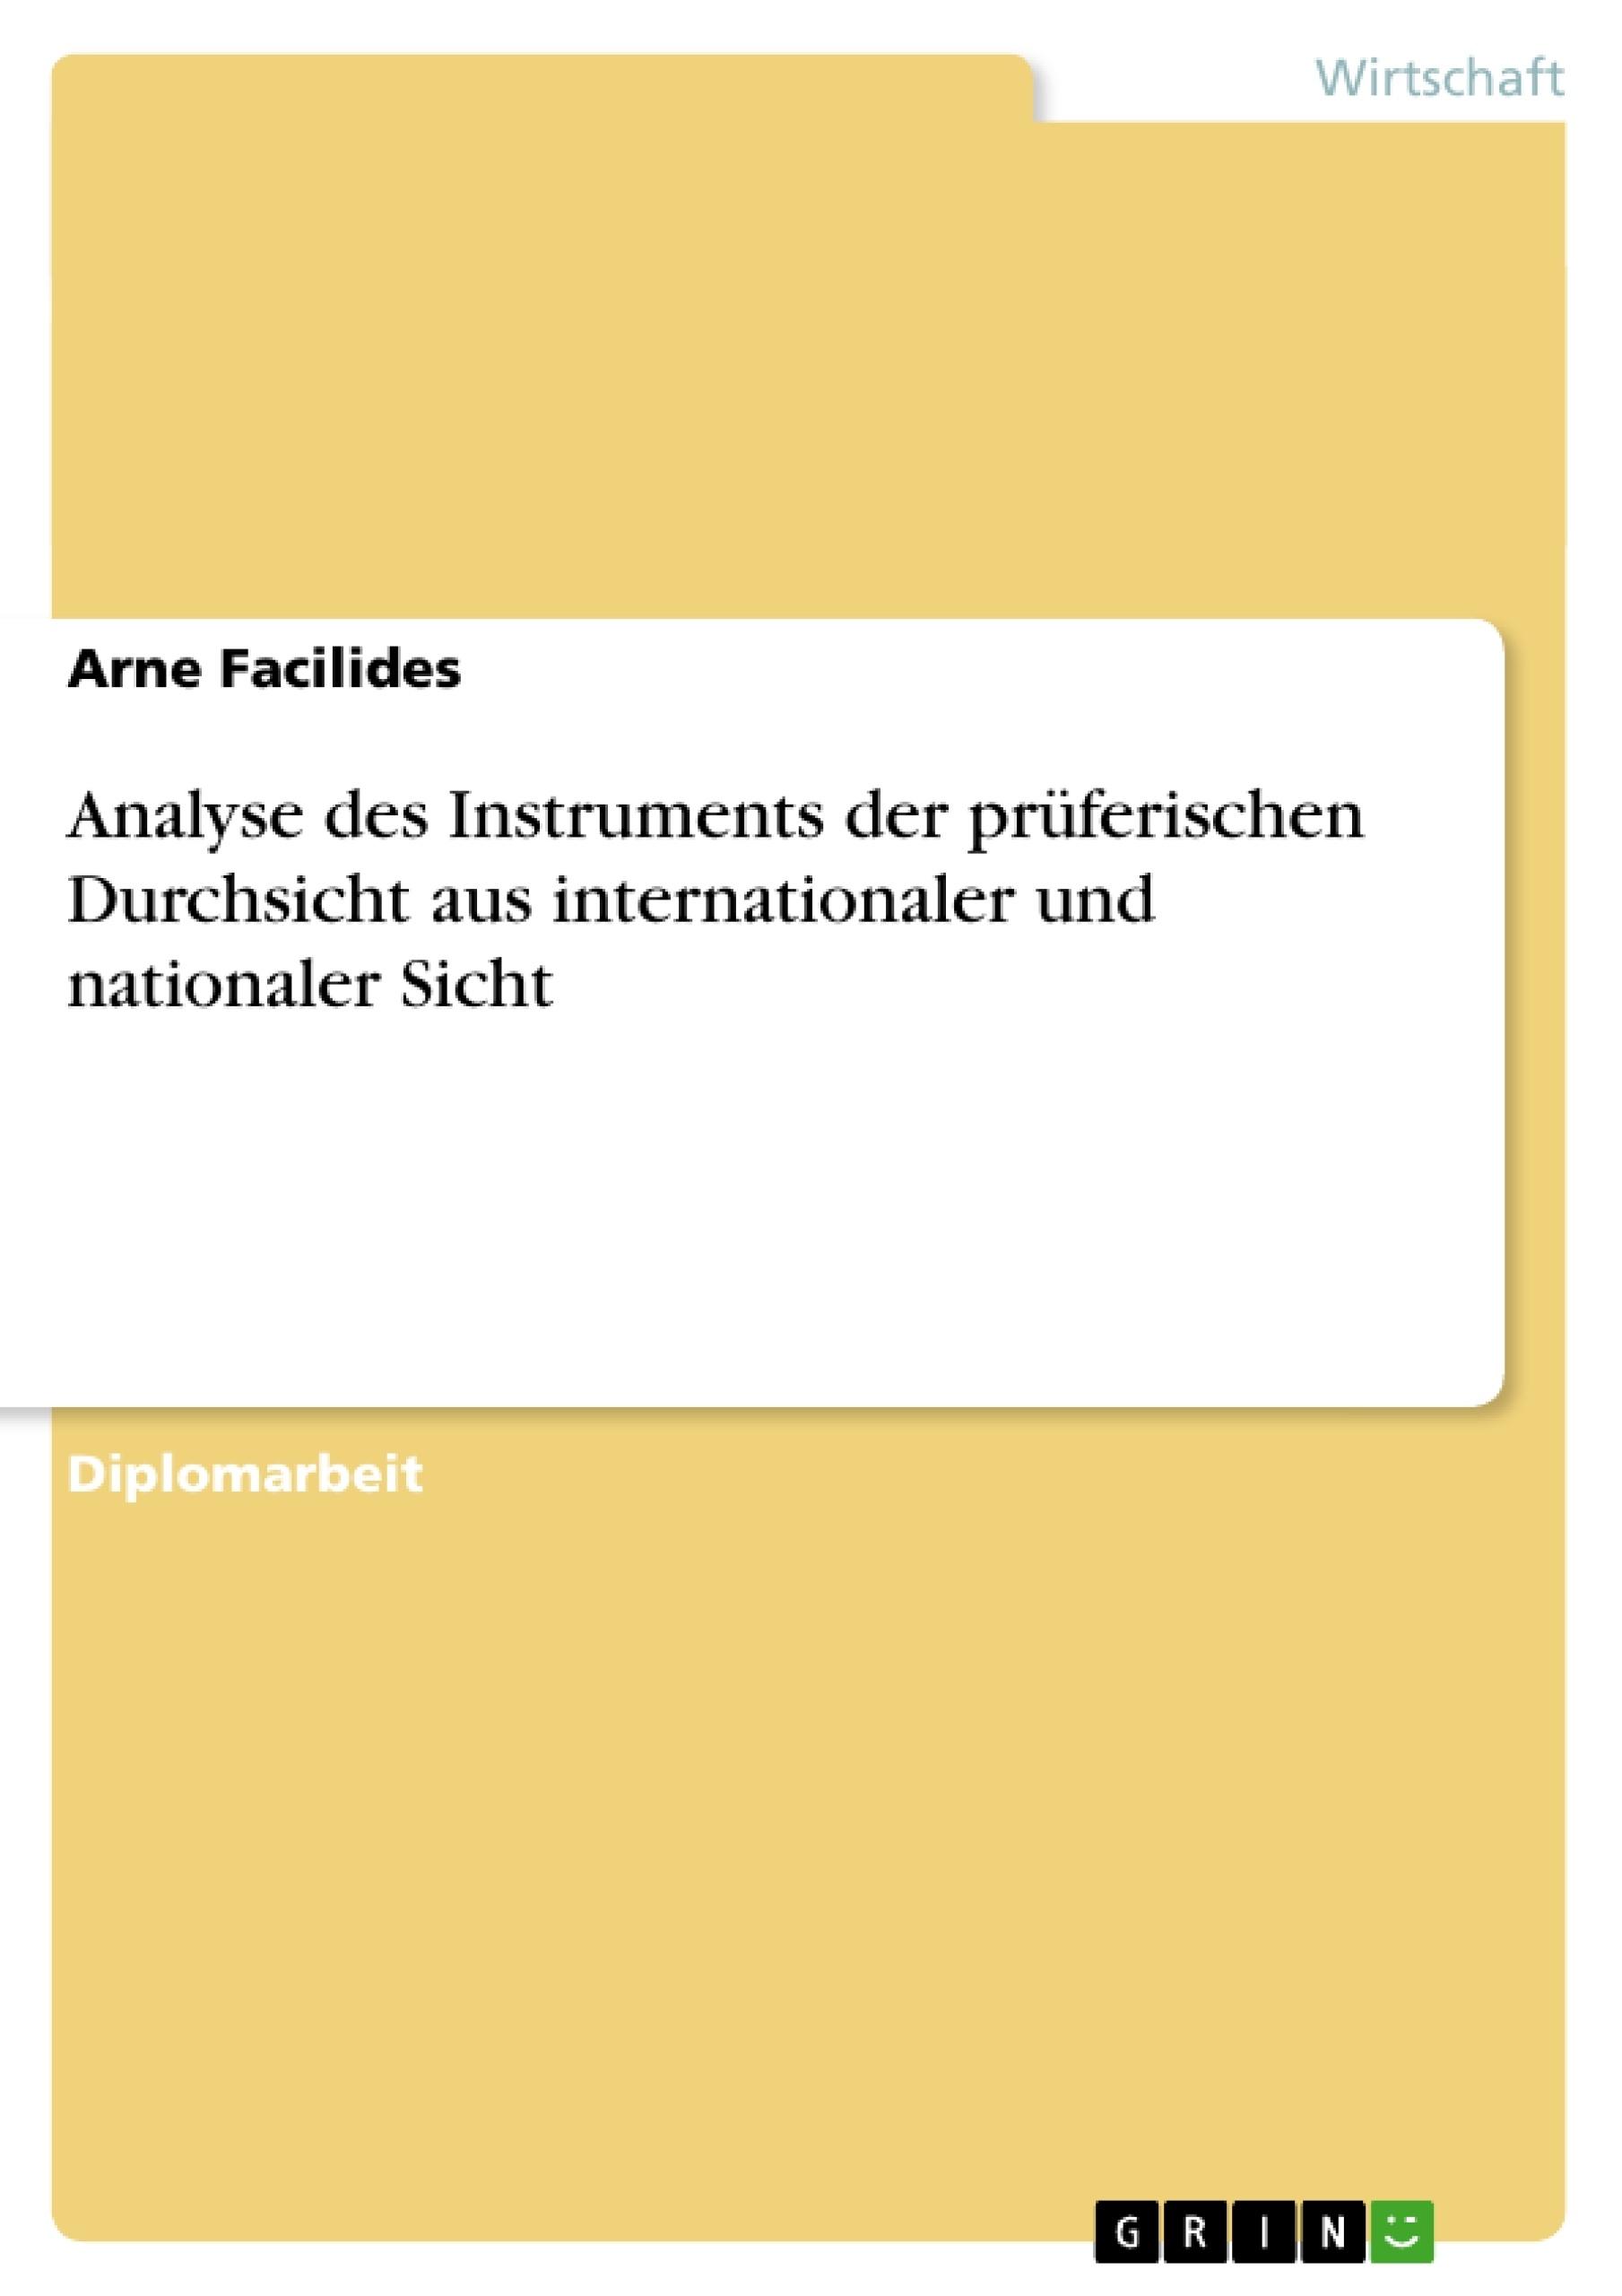 Titel: Analyse des Instruments der prüferischen Durchsicht aus internationaler und nationaler Sicht